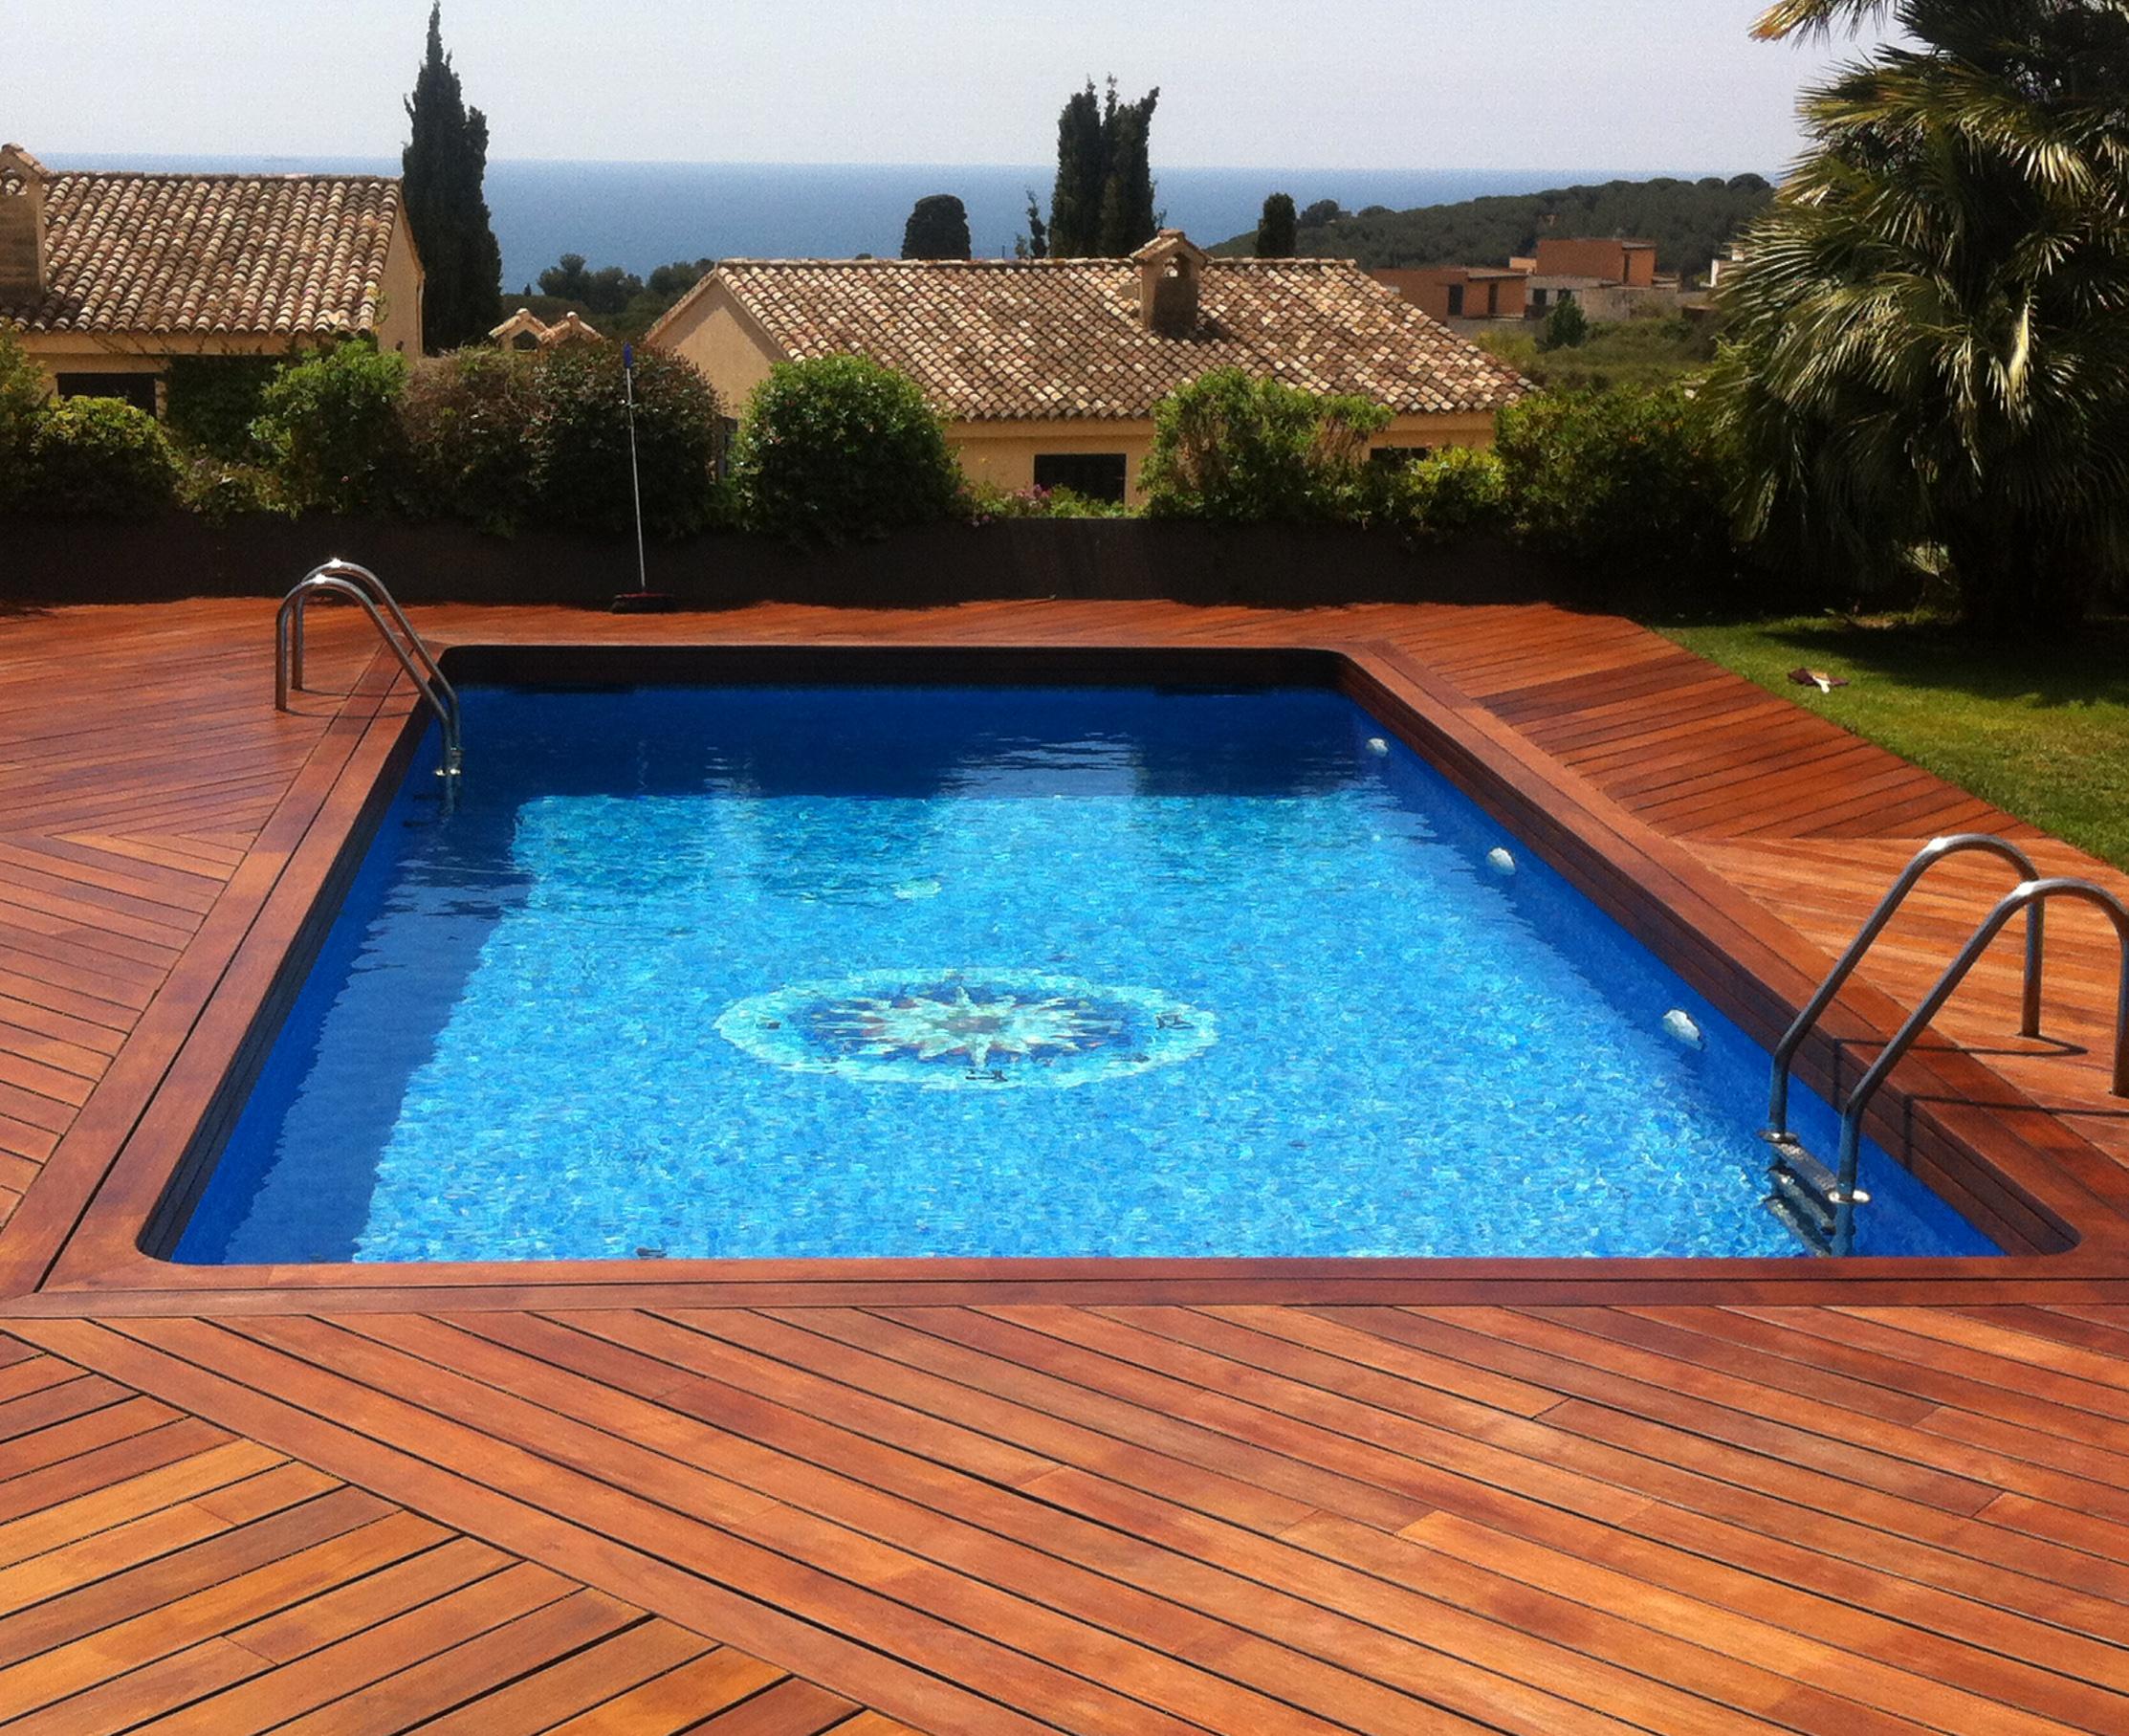 Tipos de piscinas para tu jard n quercus jardiners for Tipo de piscinas